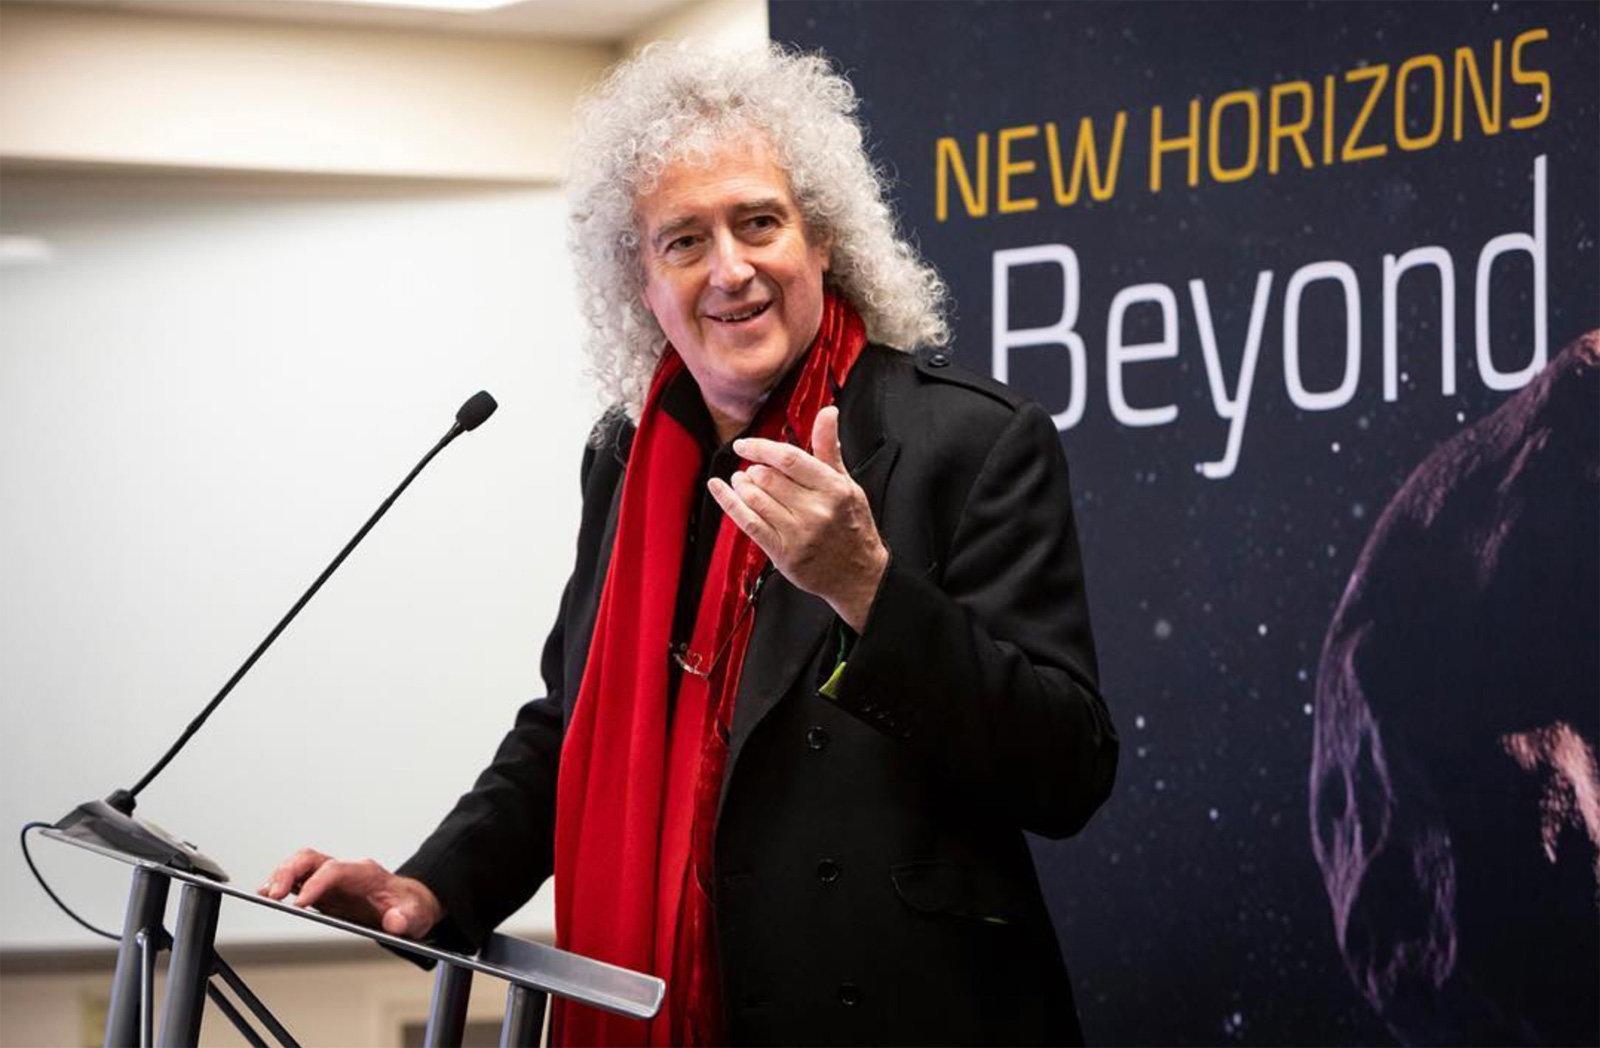 브라이언 메이가 NASA의 우주선을 위해 만든 곡이